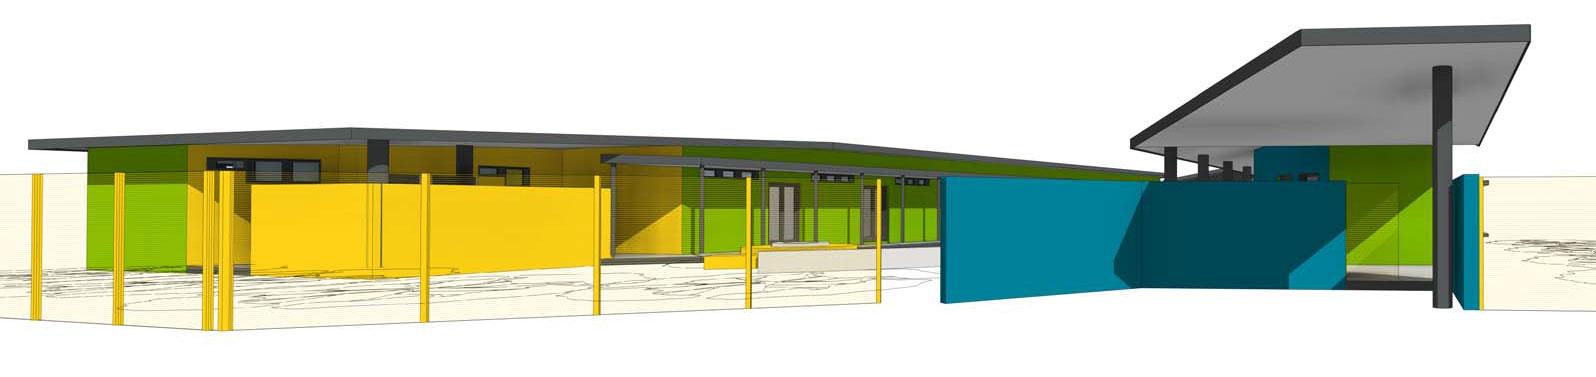 nieuwoudt-architects-communit-projects-alexandra-altech-1